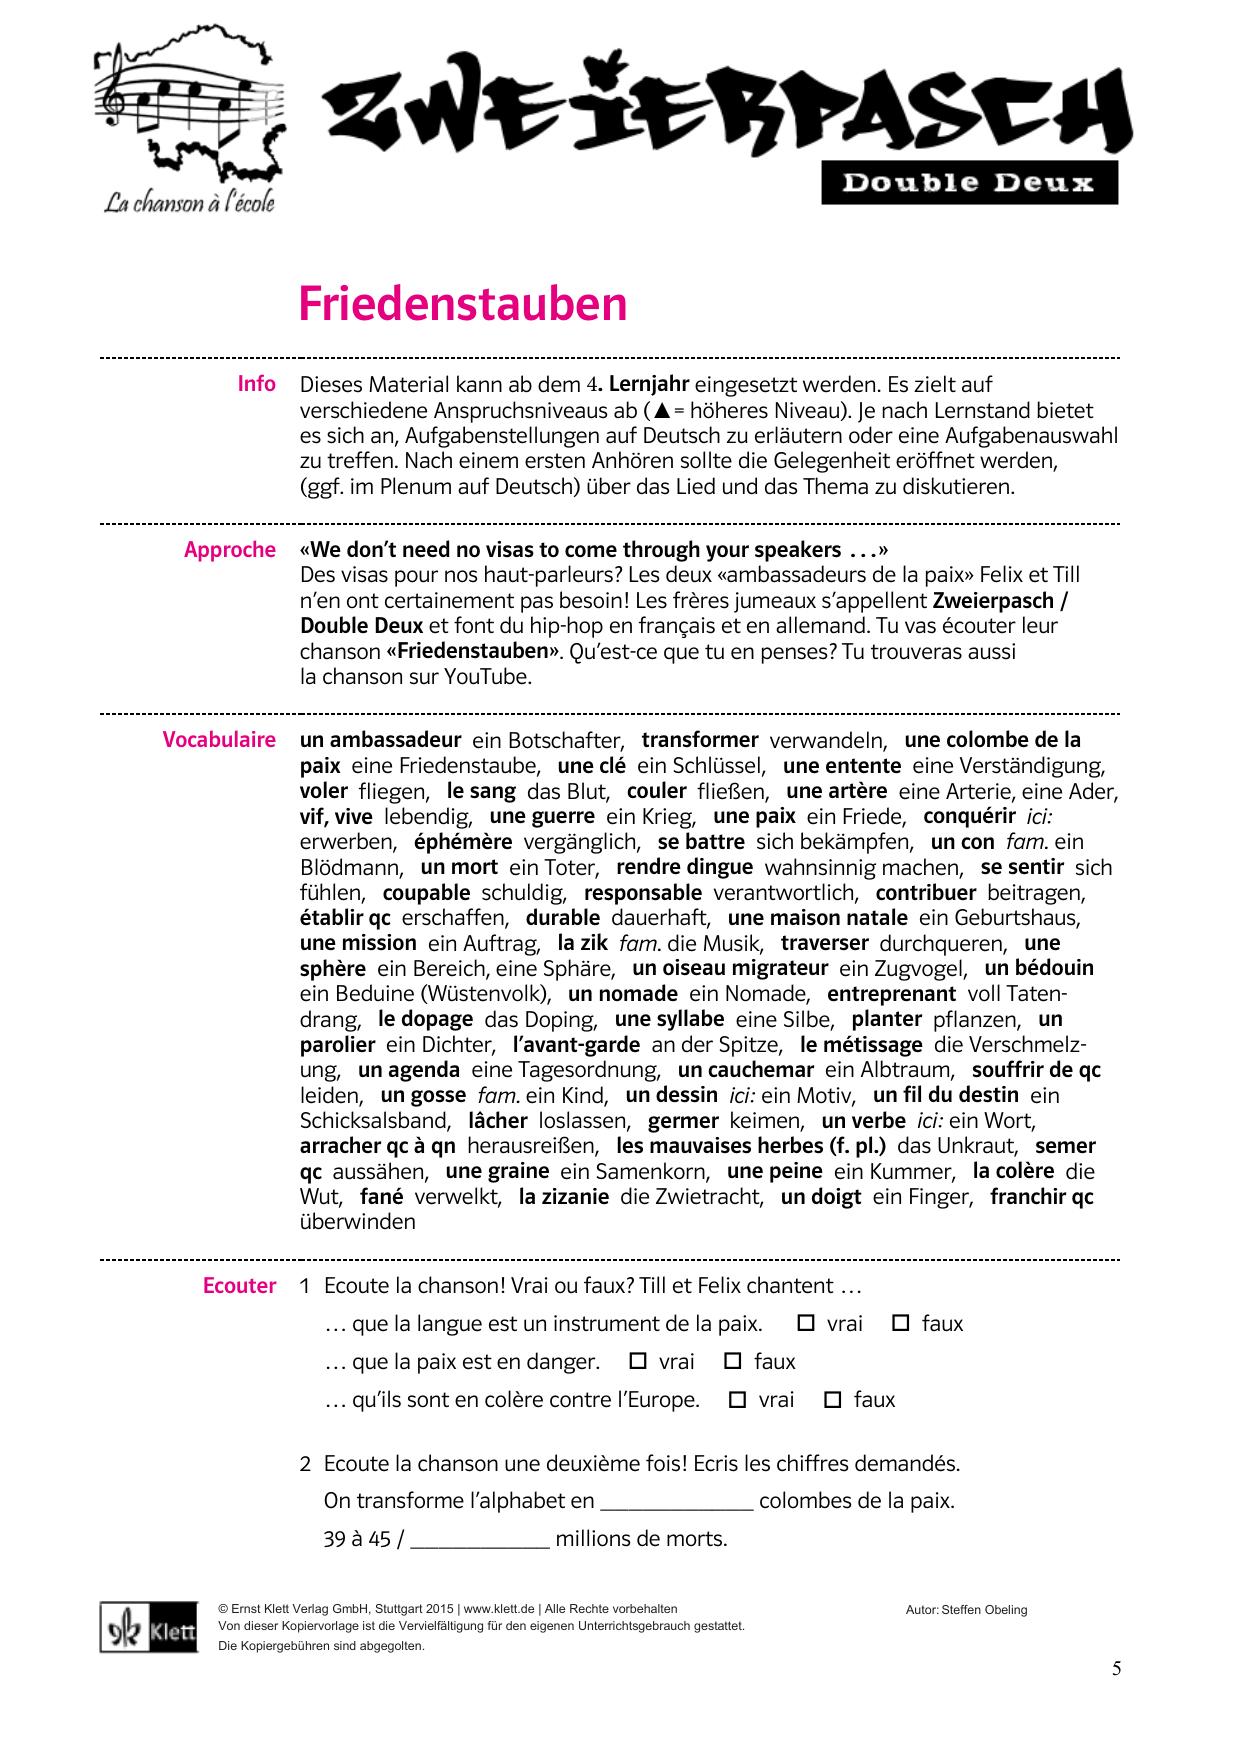 Friedenstauben / Colombes De La Paix - Klett Verlag pour Chanson Des Chiffres En Français